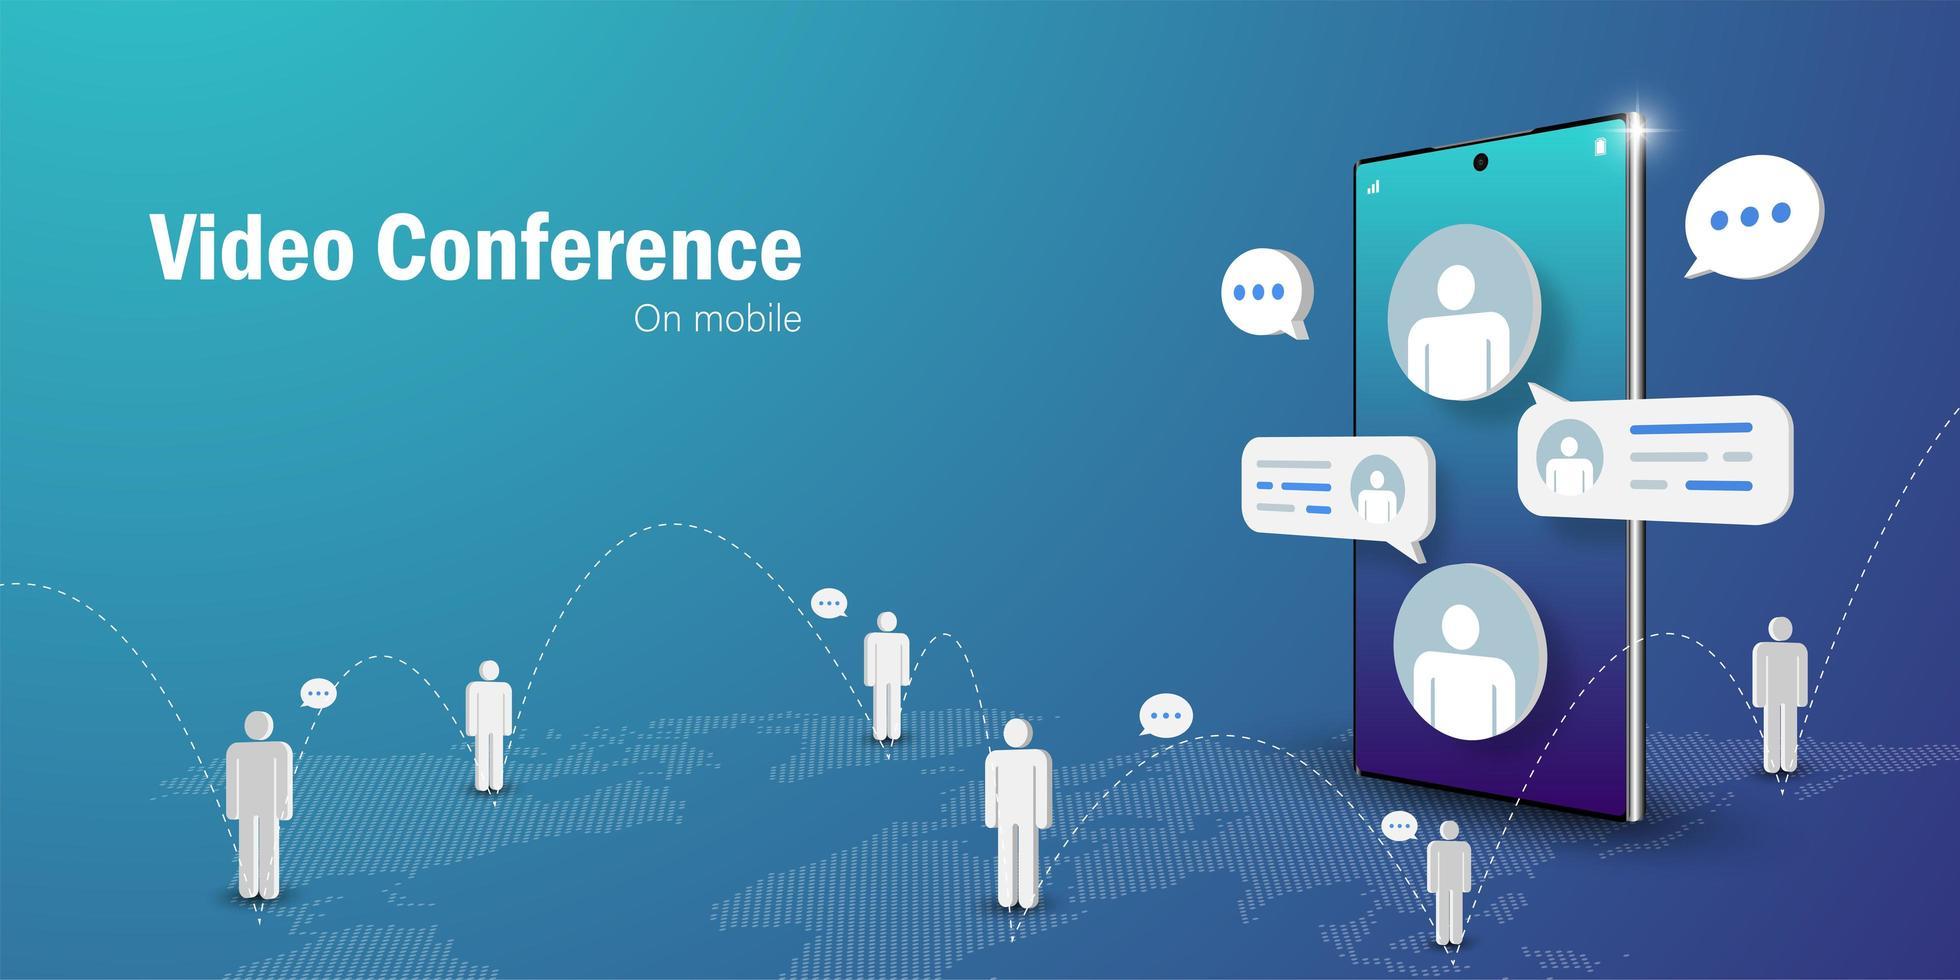 réunion d'affaires de vidéoconférence en ligne sur smartphone mobile vecteur